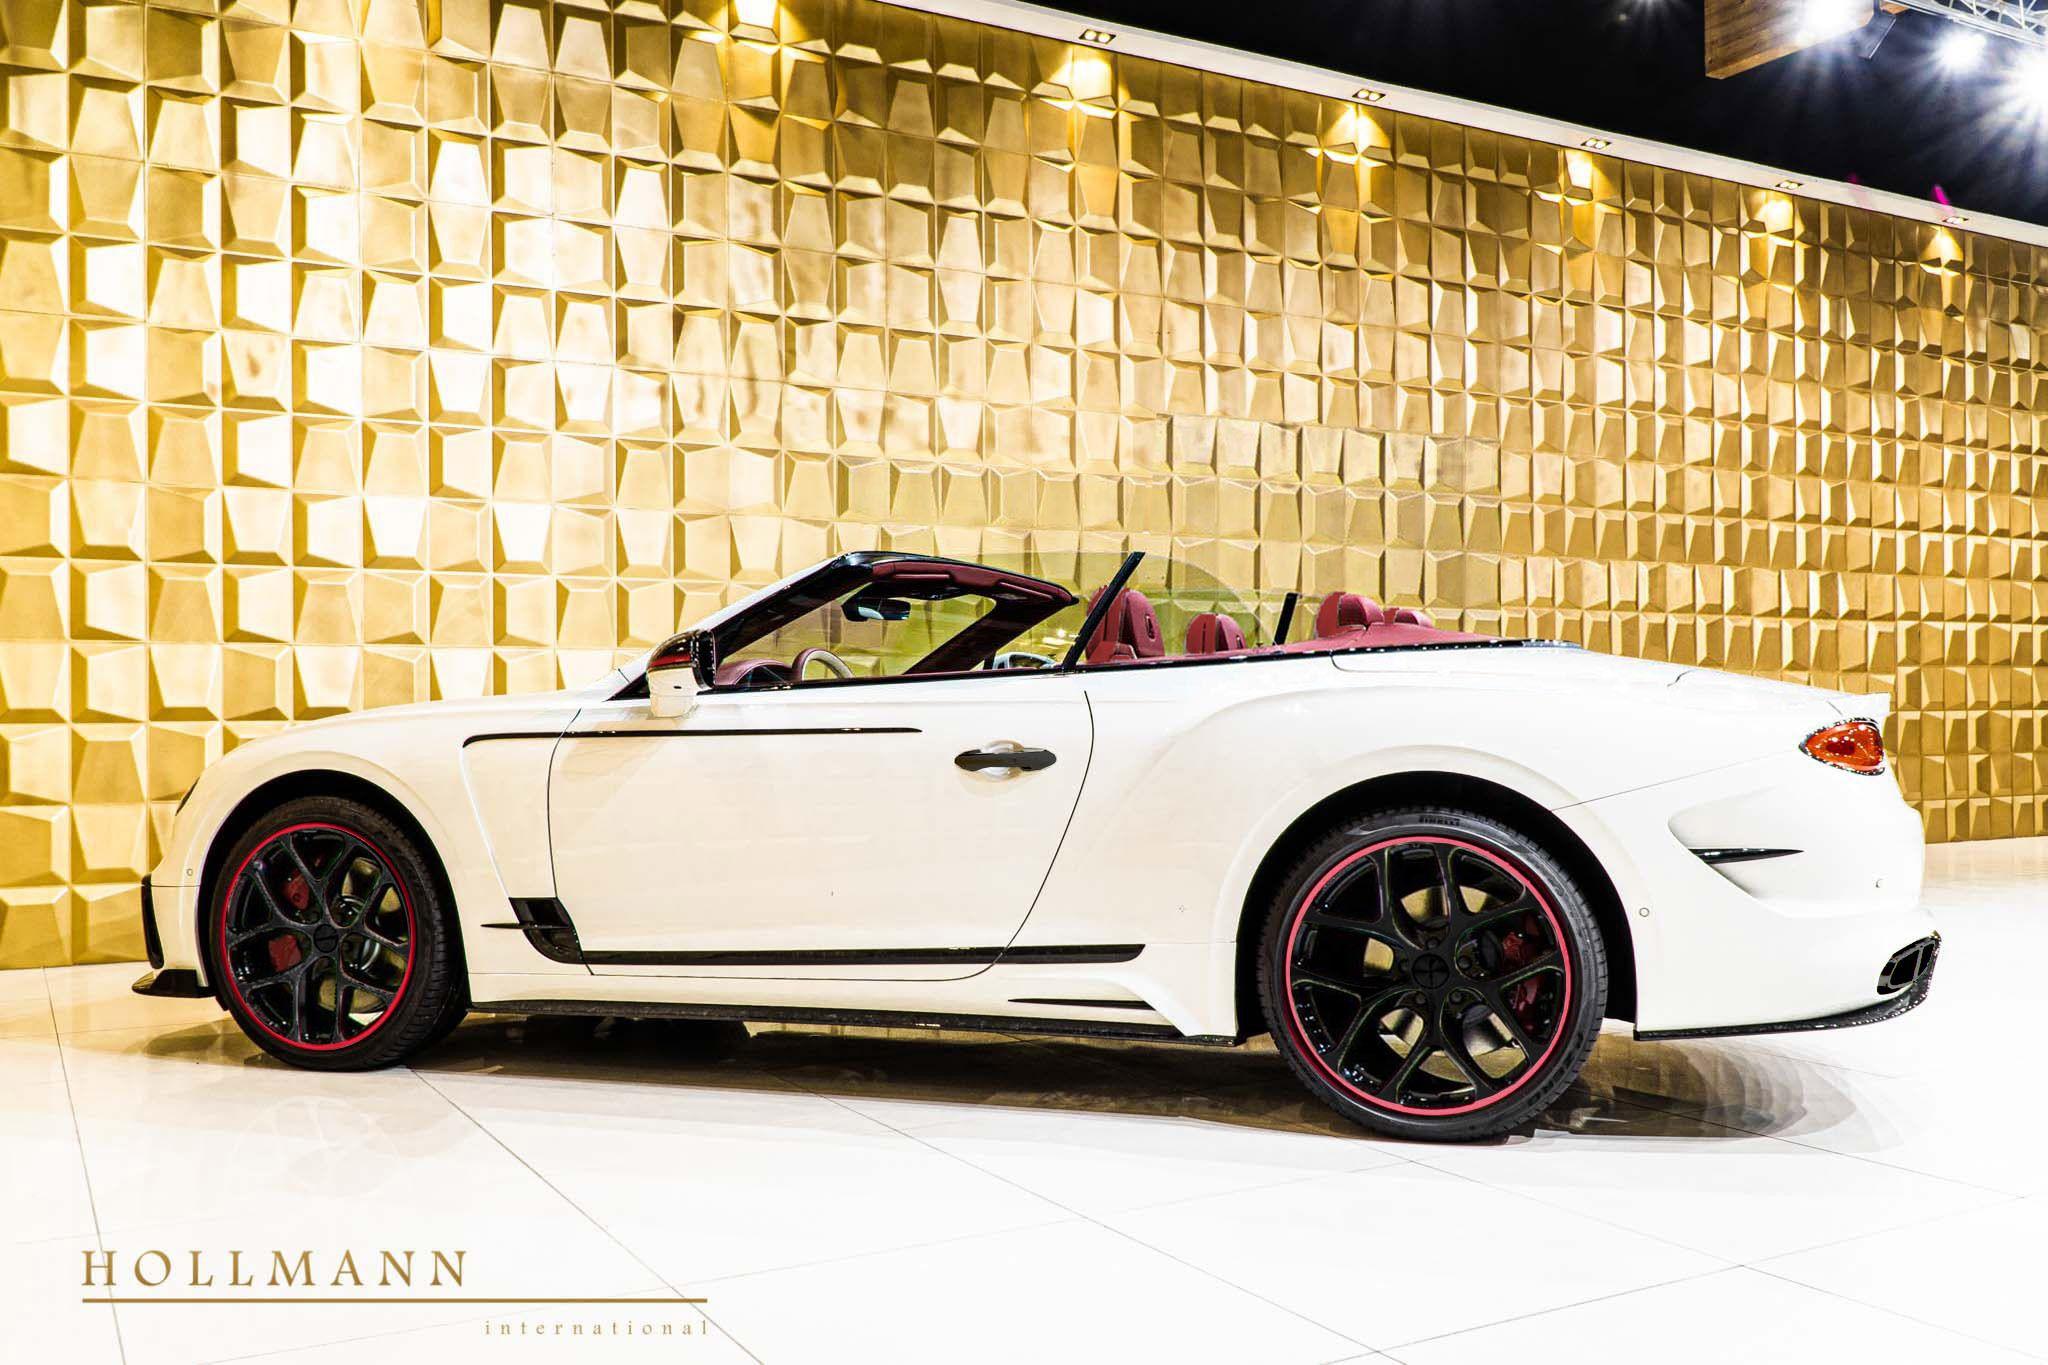 Bentley Continental GTC FIRST EDITION MANSORY - Hollmann ...